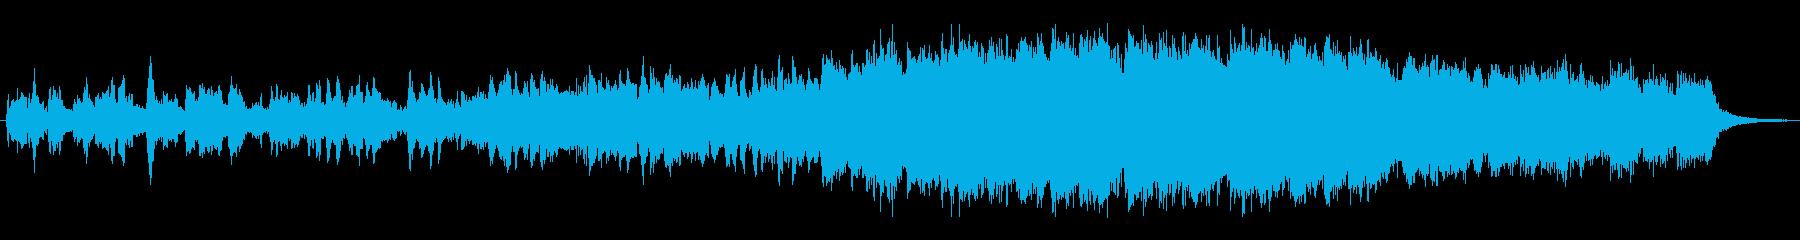 異星人との交信をテーマにしたスペース音楽の再生済みの波形